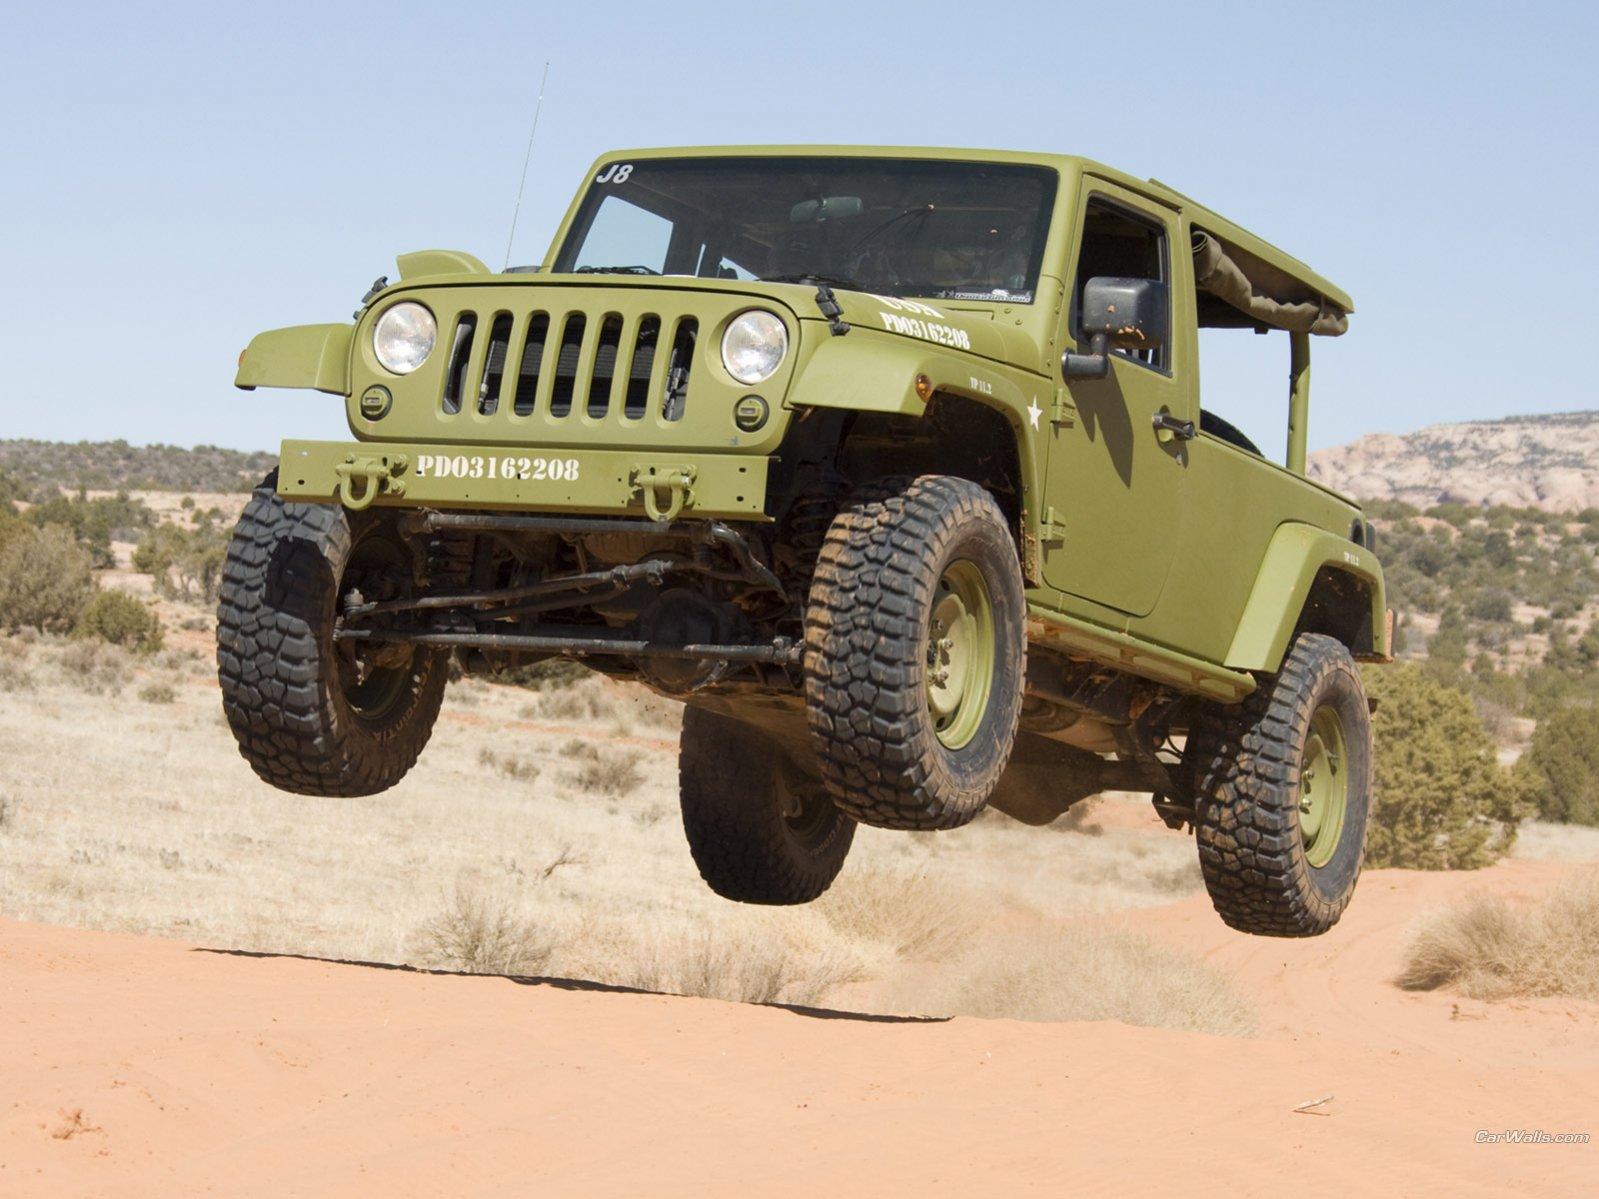 jeep-j8-2d-3.jpg